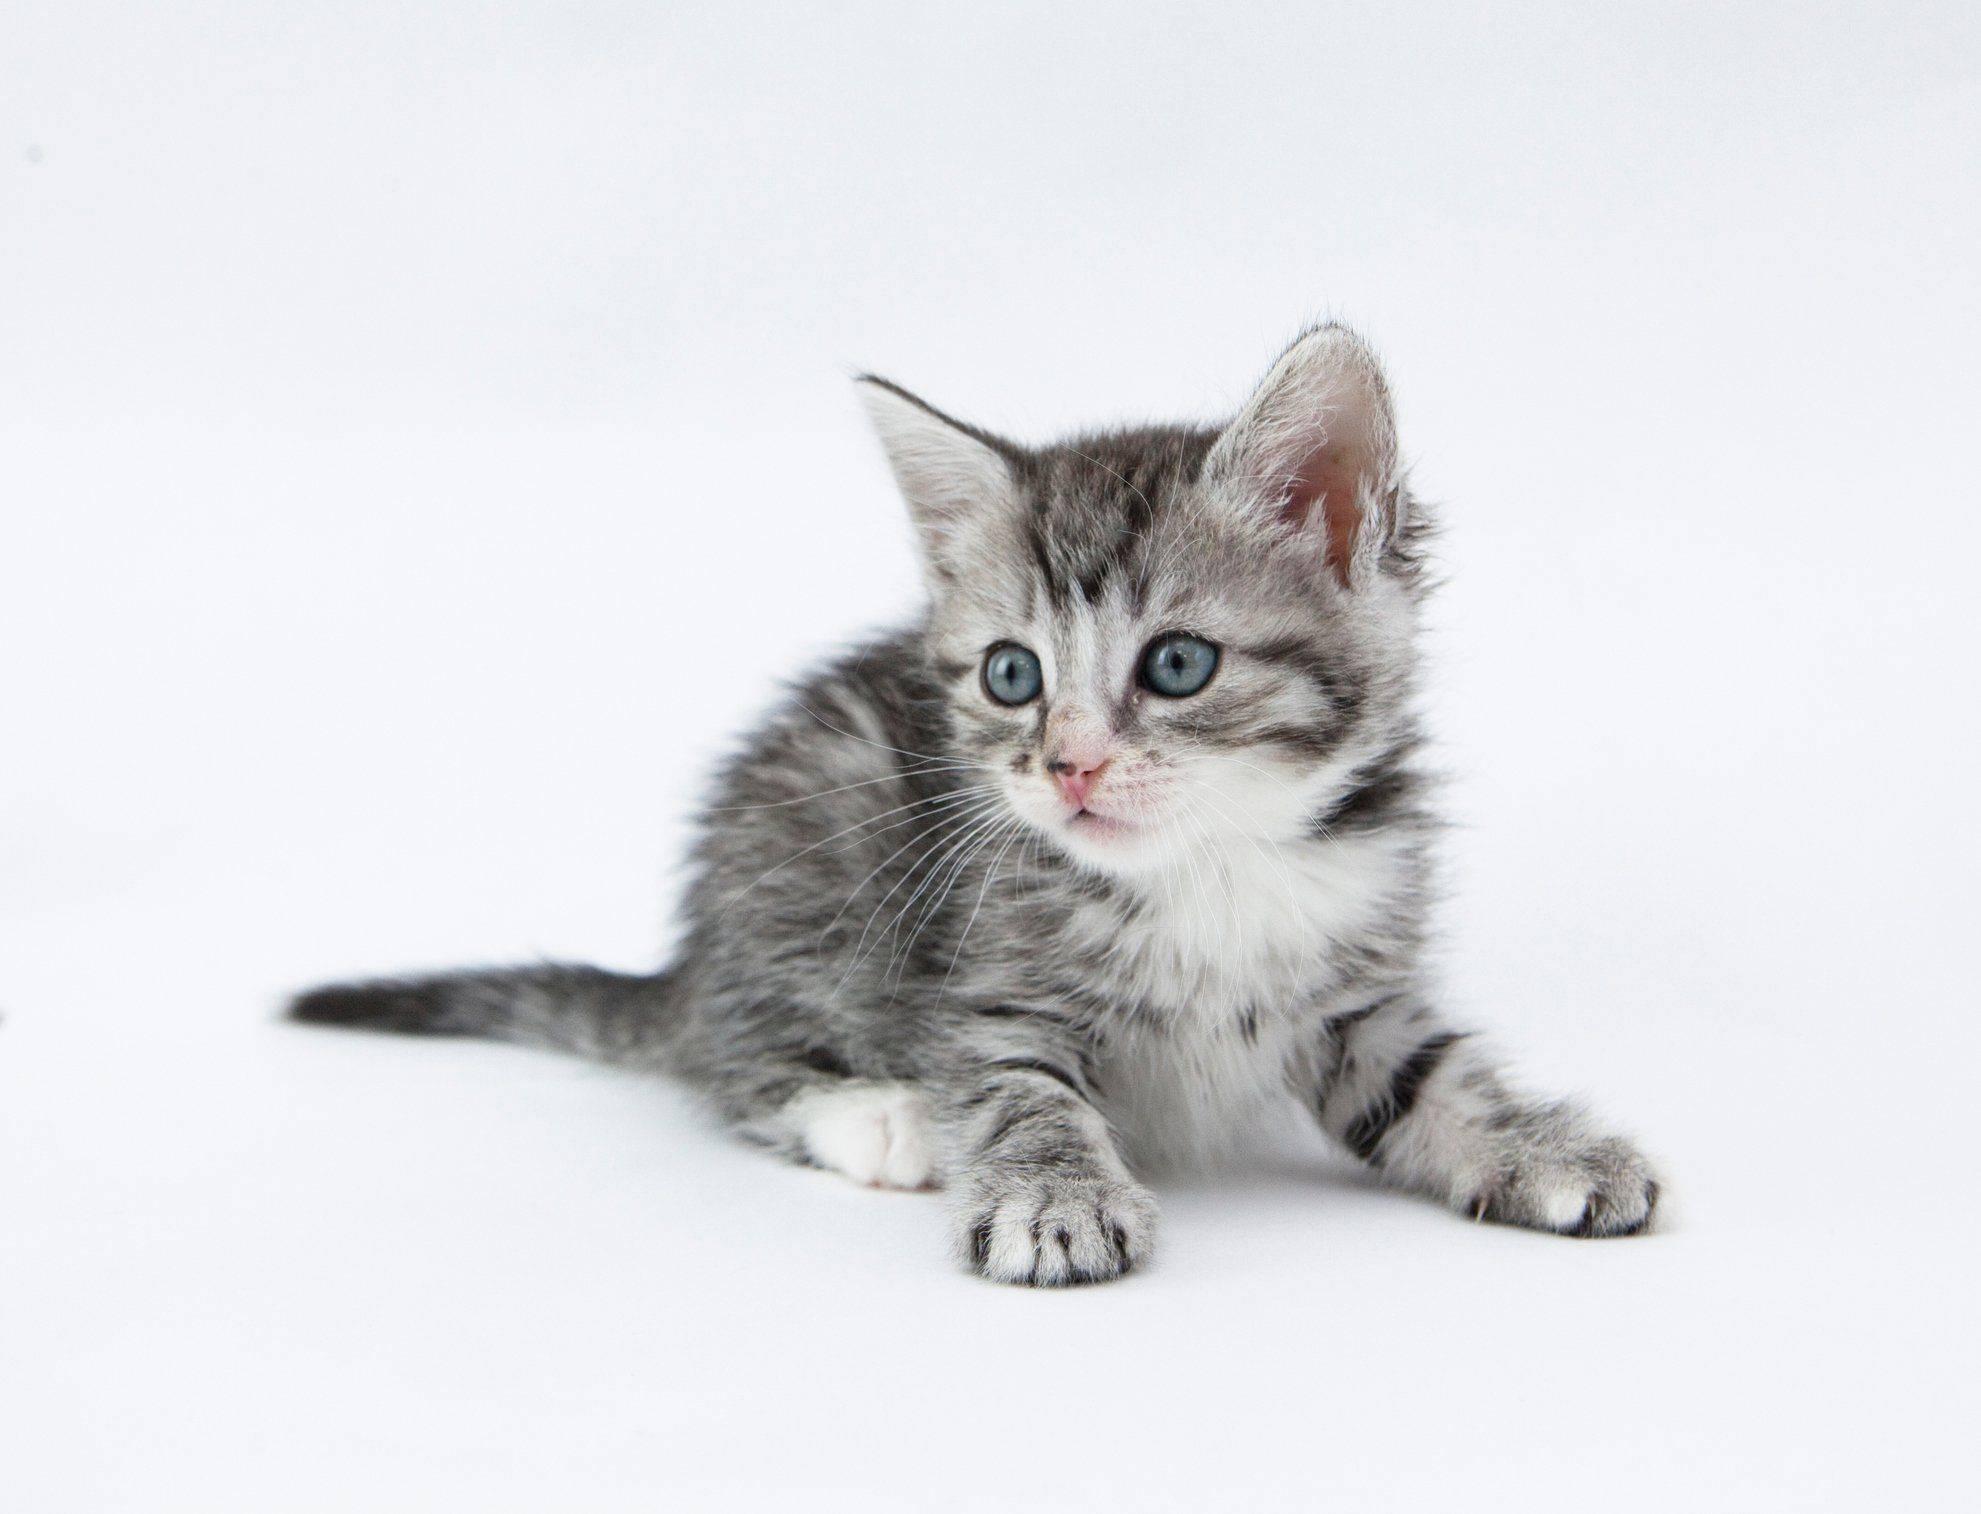 Оригинальные клички для рыжих котов и кошек